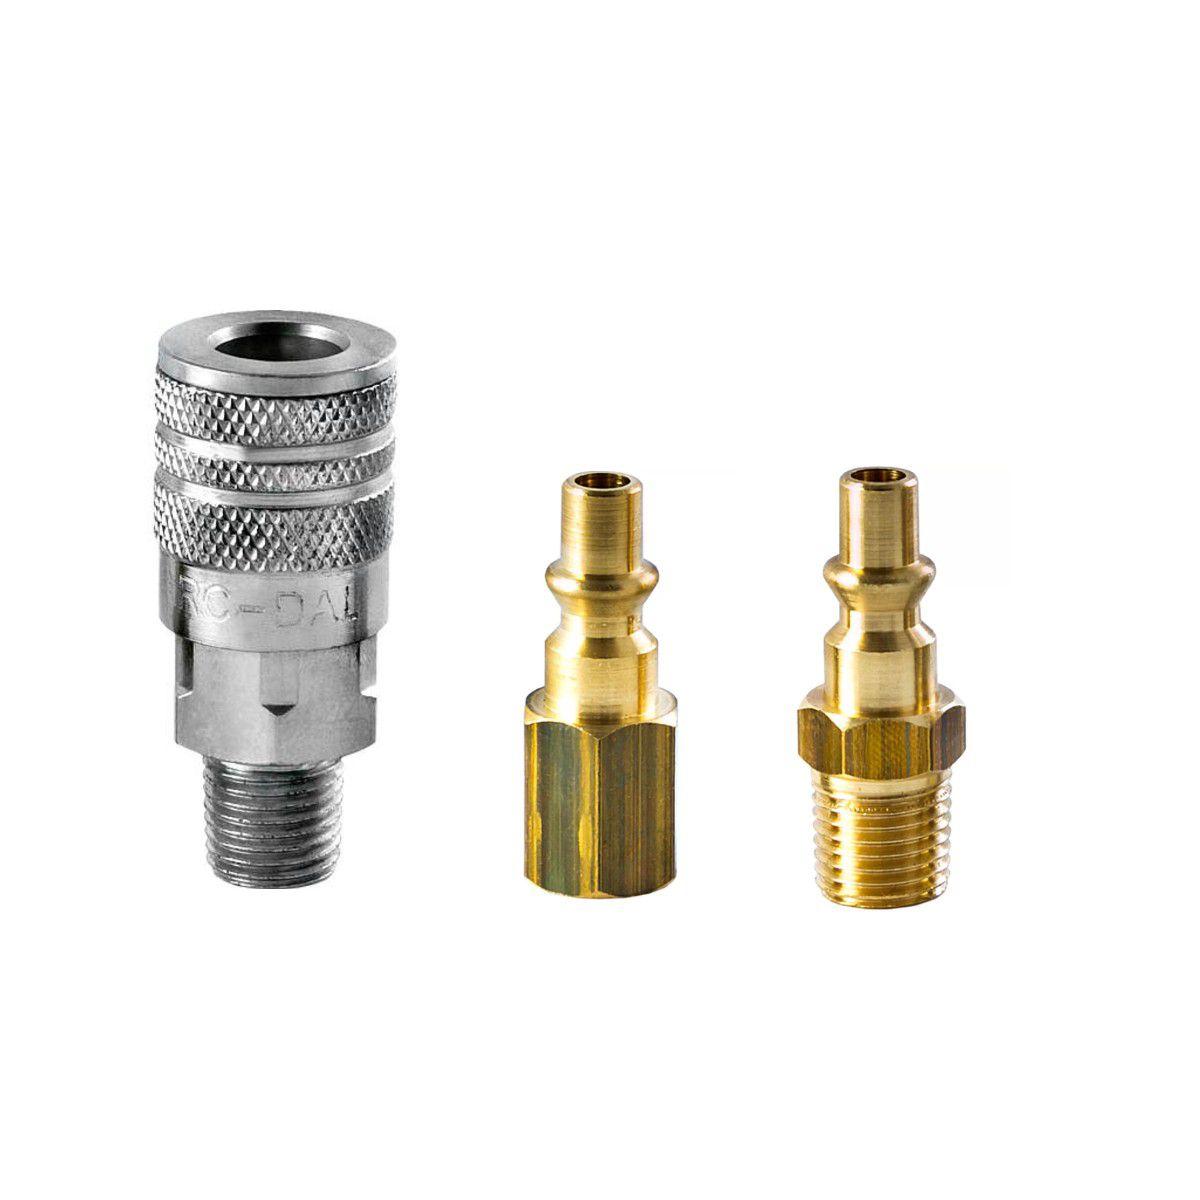 Kit Engate Rápido + Mangueira Ar Compressor 5/16 - 15 Metros